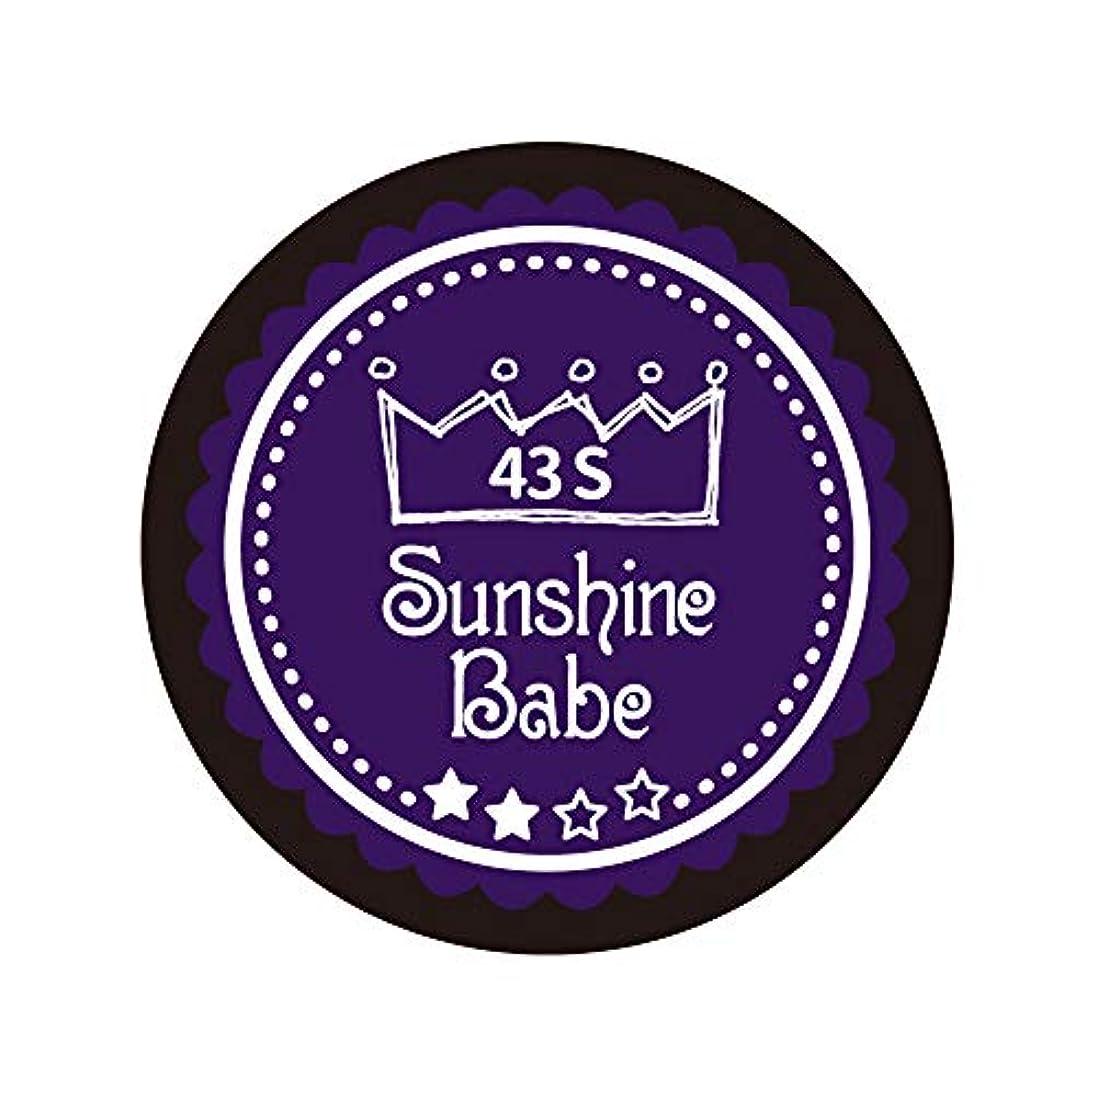 デモンストレーション不当定数Sunshine Babe カラージェル 43S オータムウルトラバイオレット 2.7g UV/LED対応